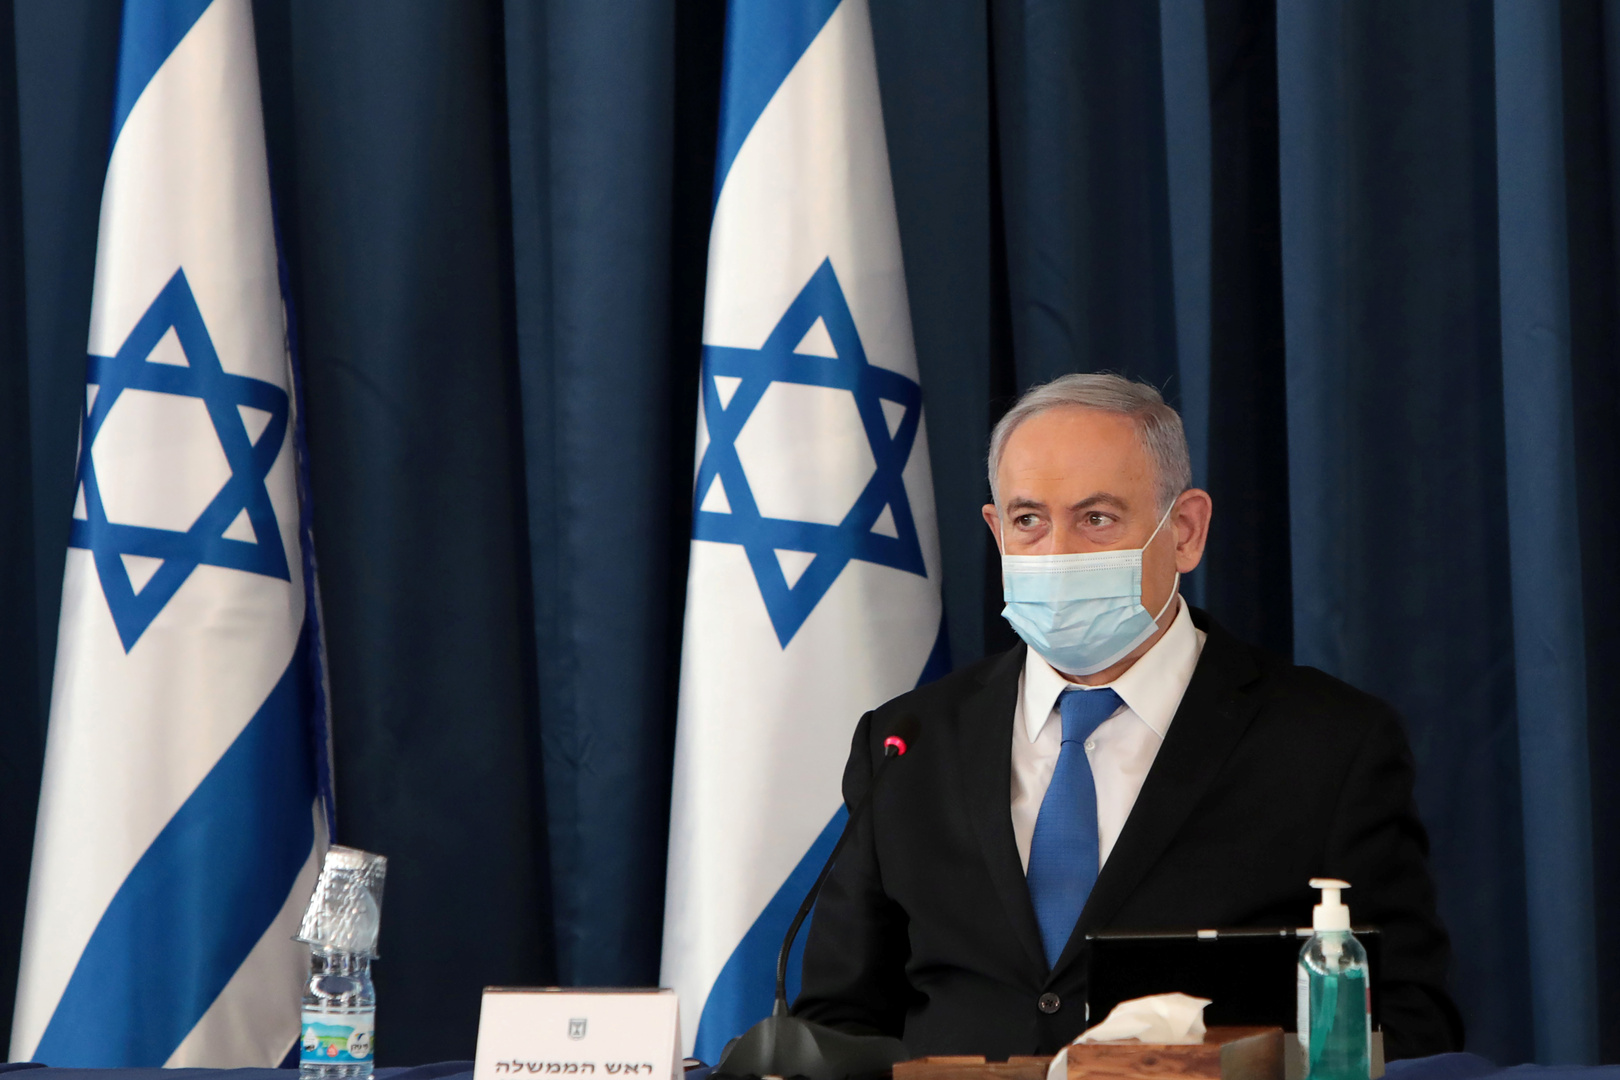 إسرائيل تتخطى عتبة الـ30 ألف إصابة بكورونا وقيود إضافية صارمة قيد البحث